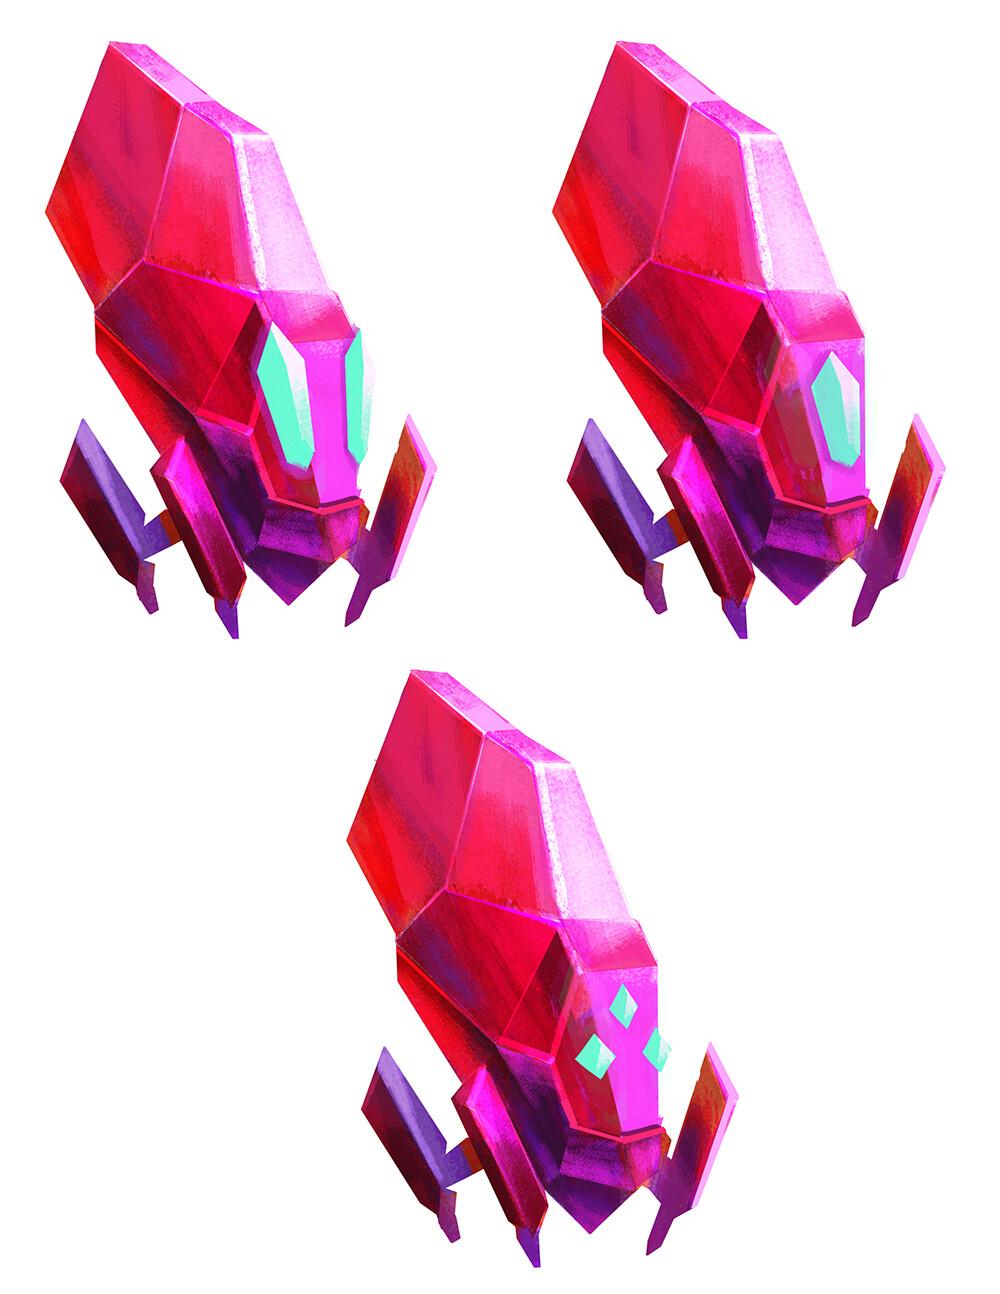 David paul crystals 02 small